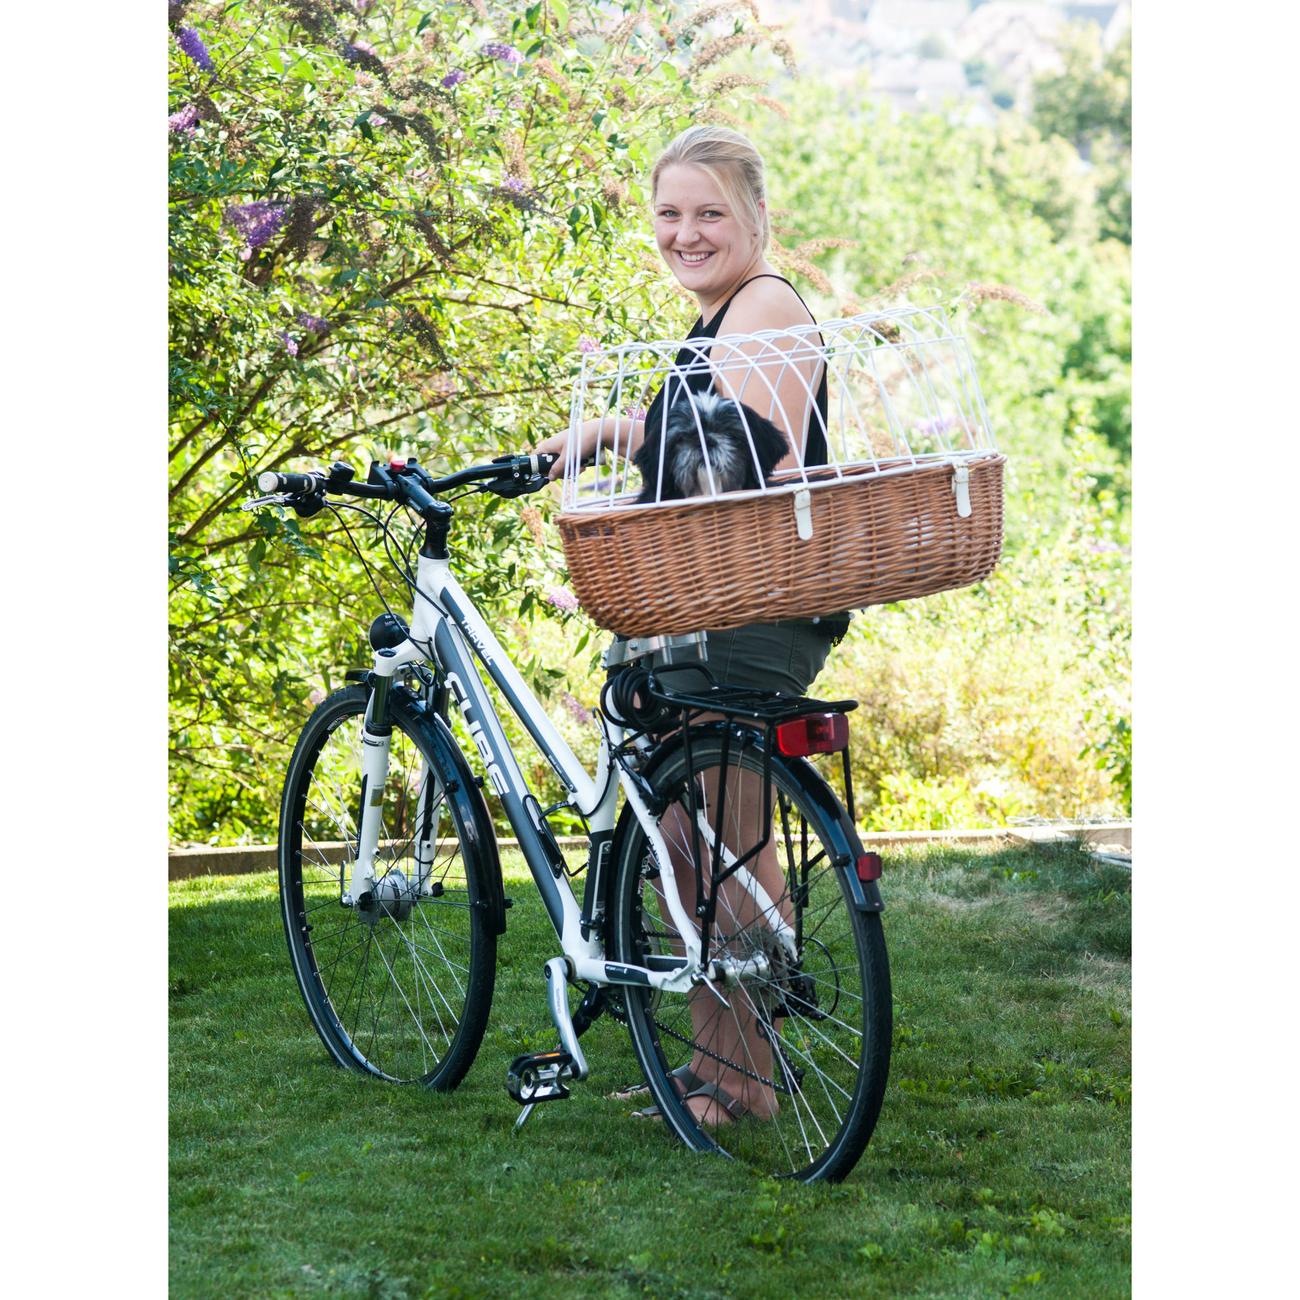 Aumüller Hundefahrradkorb Steuerkopfmontage vorne von Aumüller, Bild 4